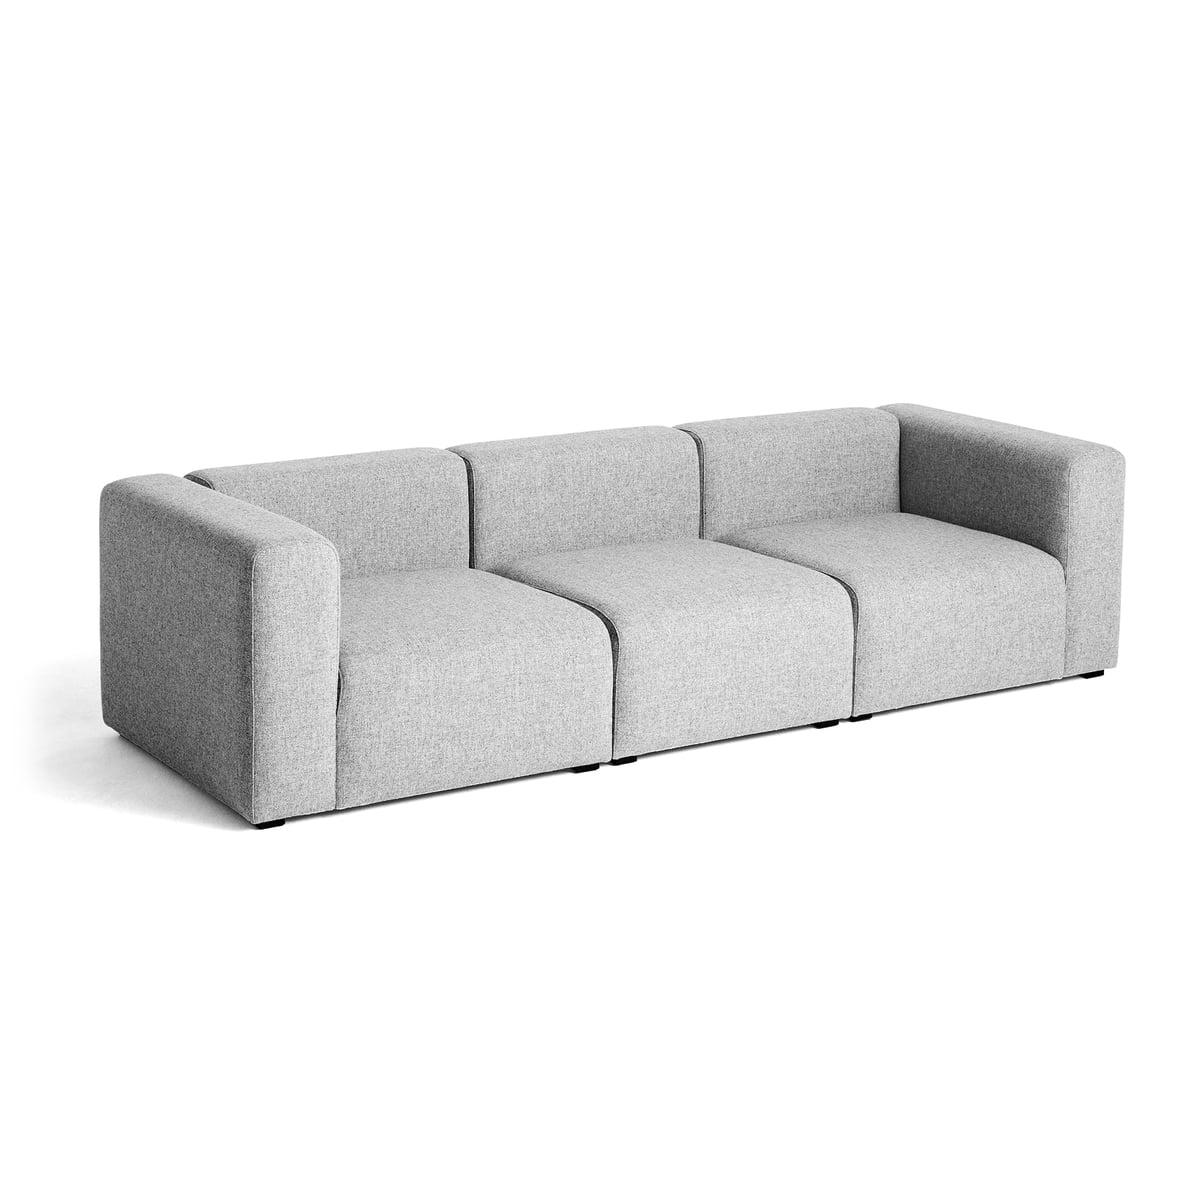 Mags Sofa 3 Sitzer von Hay